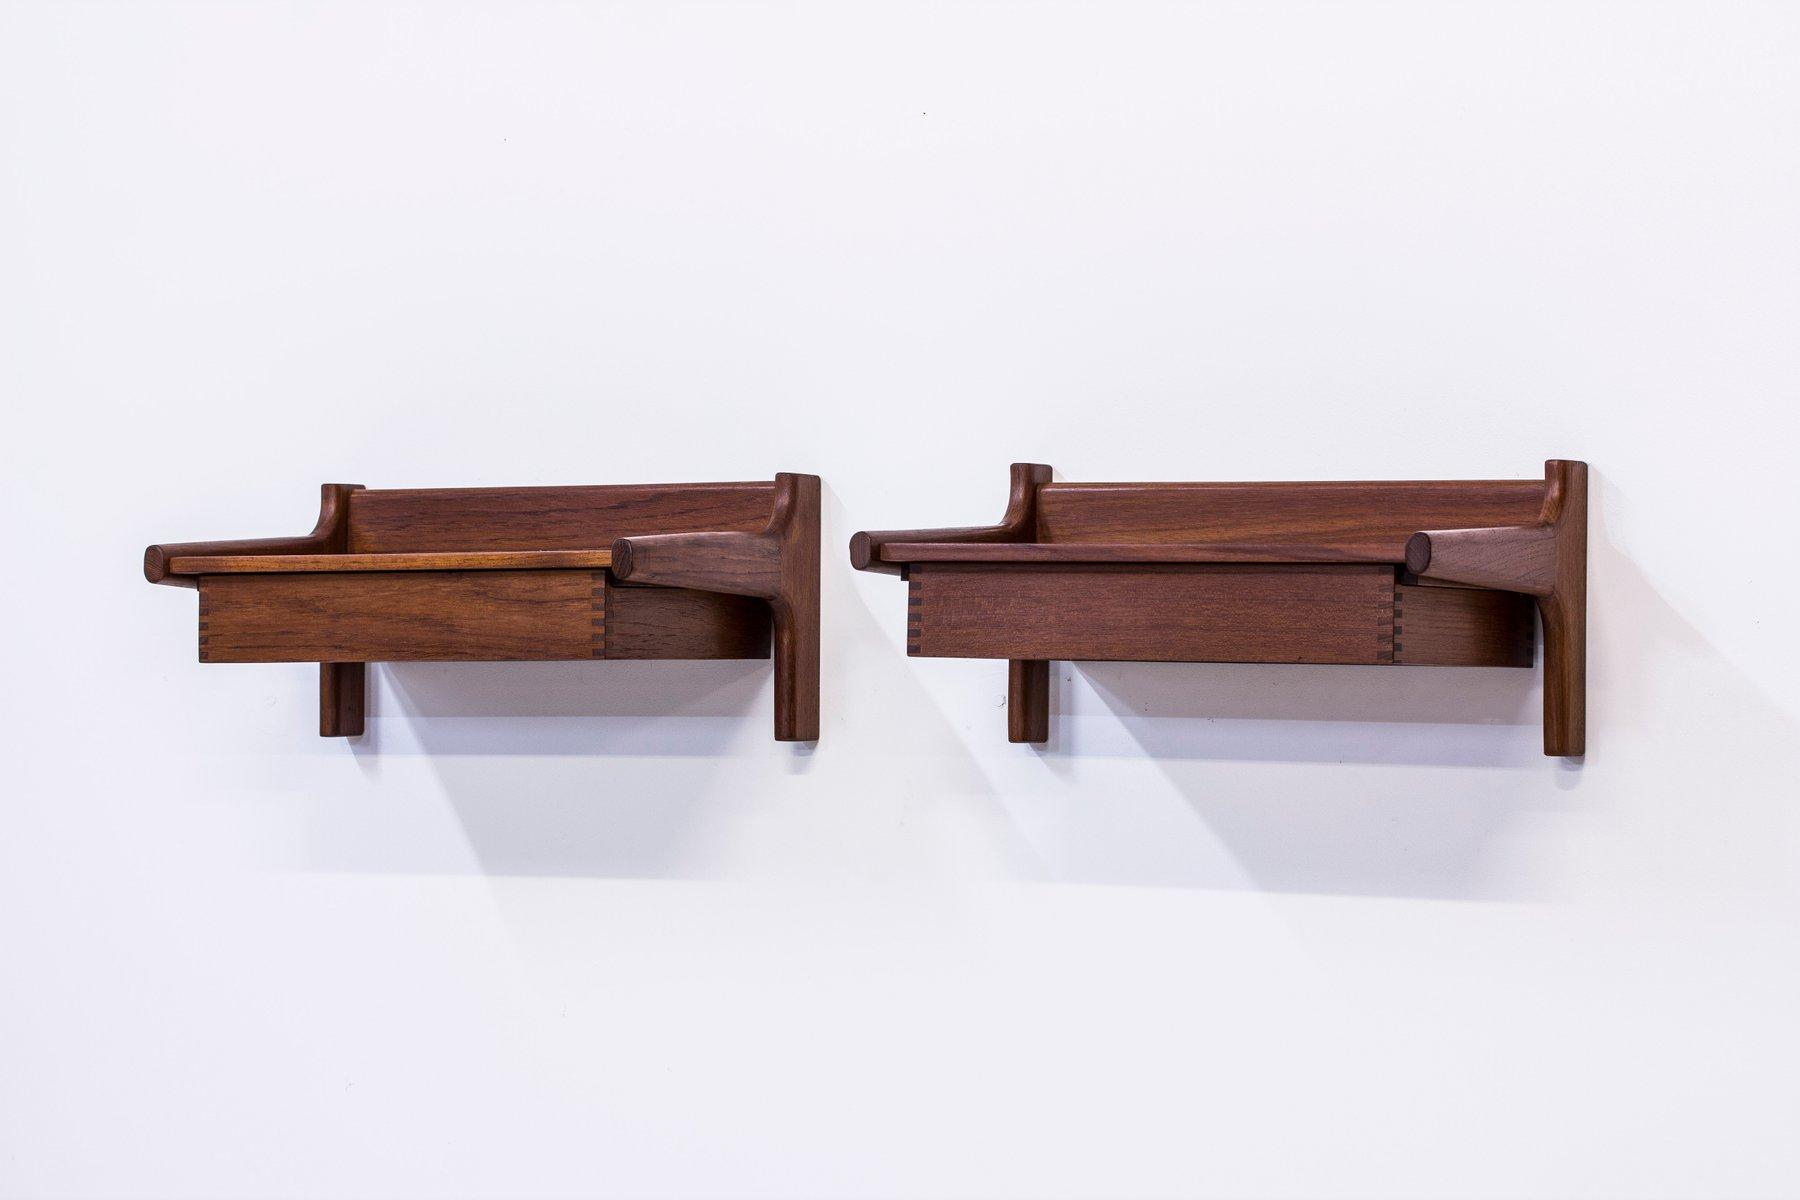 Uncategorized Wall Mounted Bedside Table Wall Mounted Bedside Tables By  Mogensen For 1950s Set Of 2